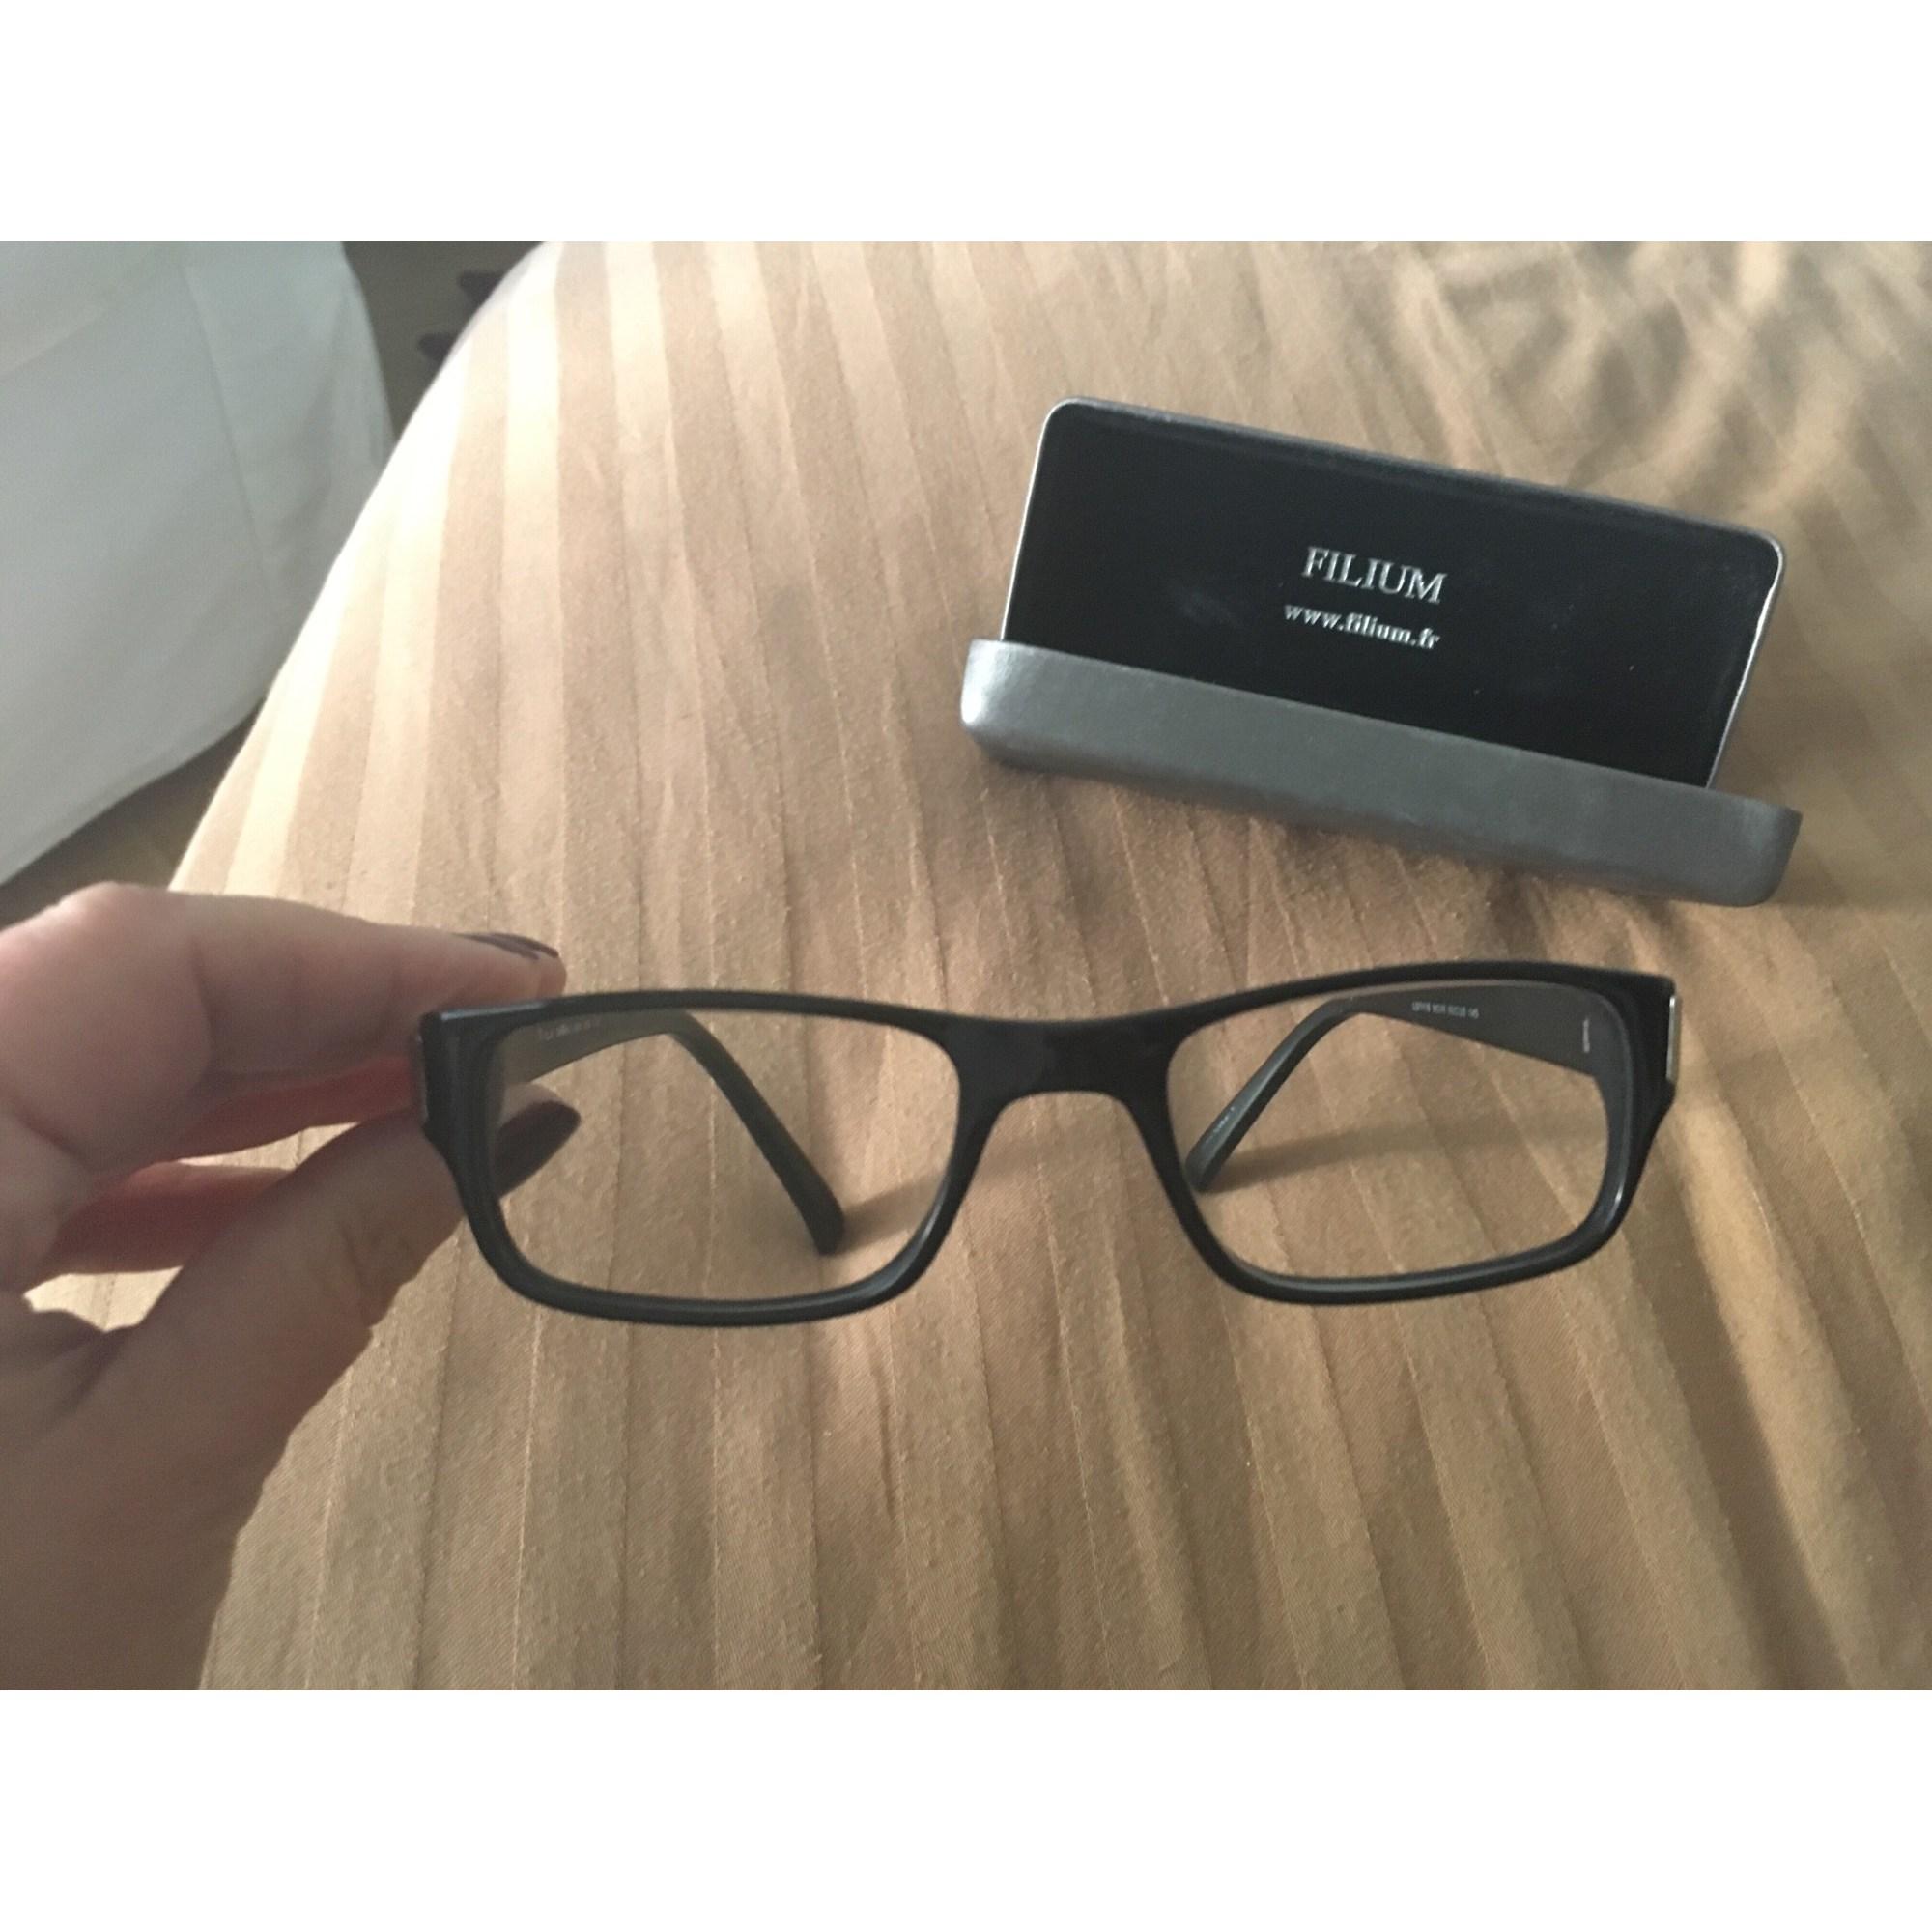 afac79e2d5 Monture de lunettes FILIUM noir - 6736282